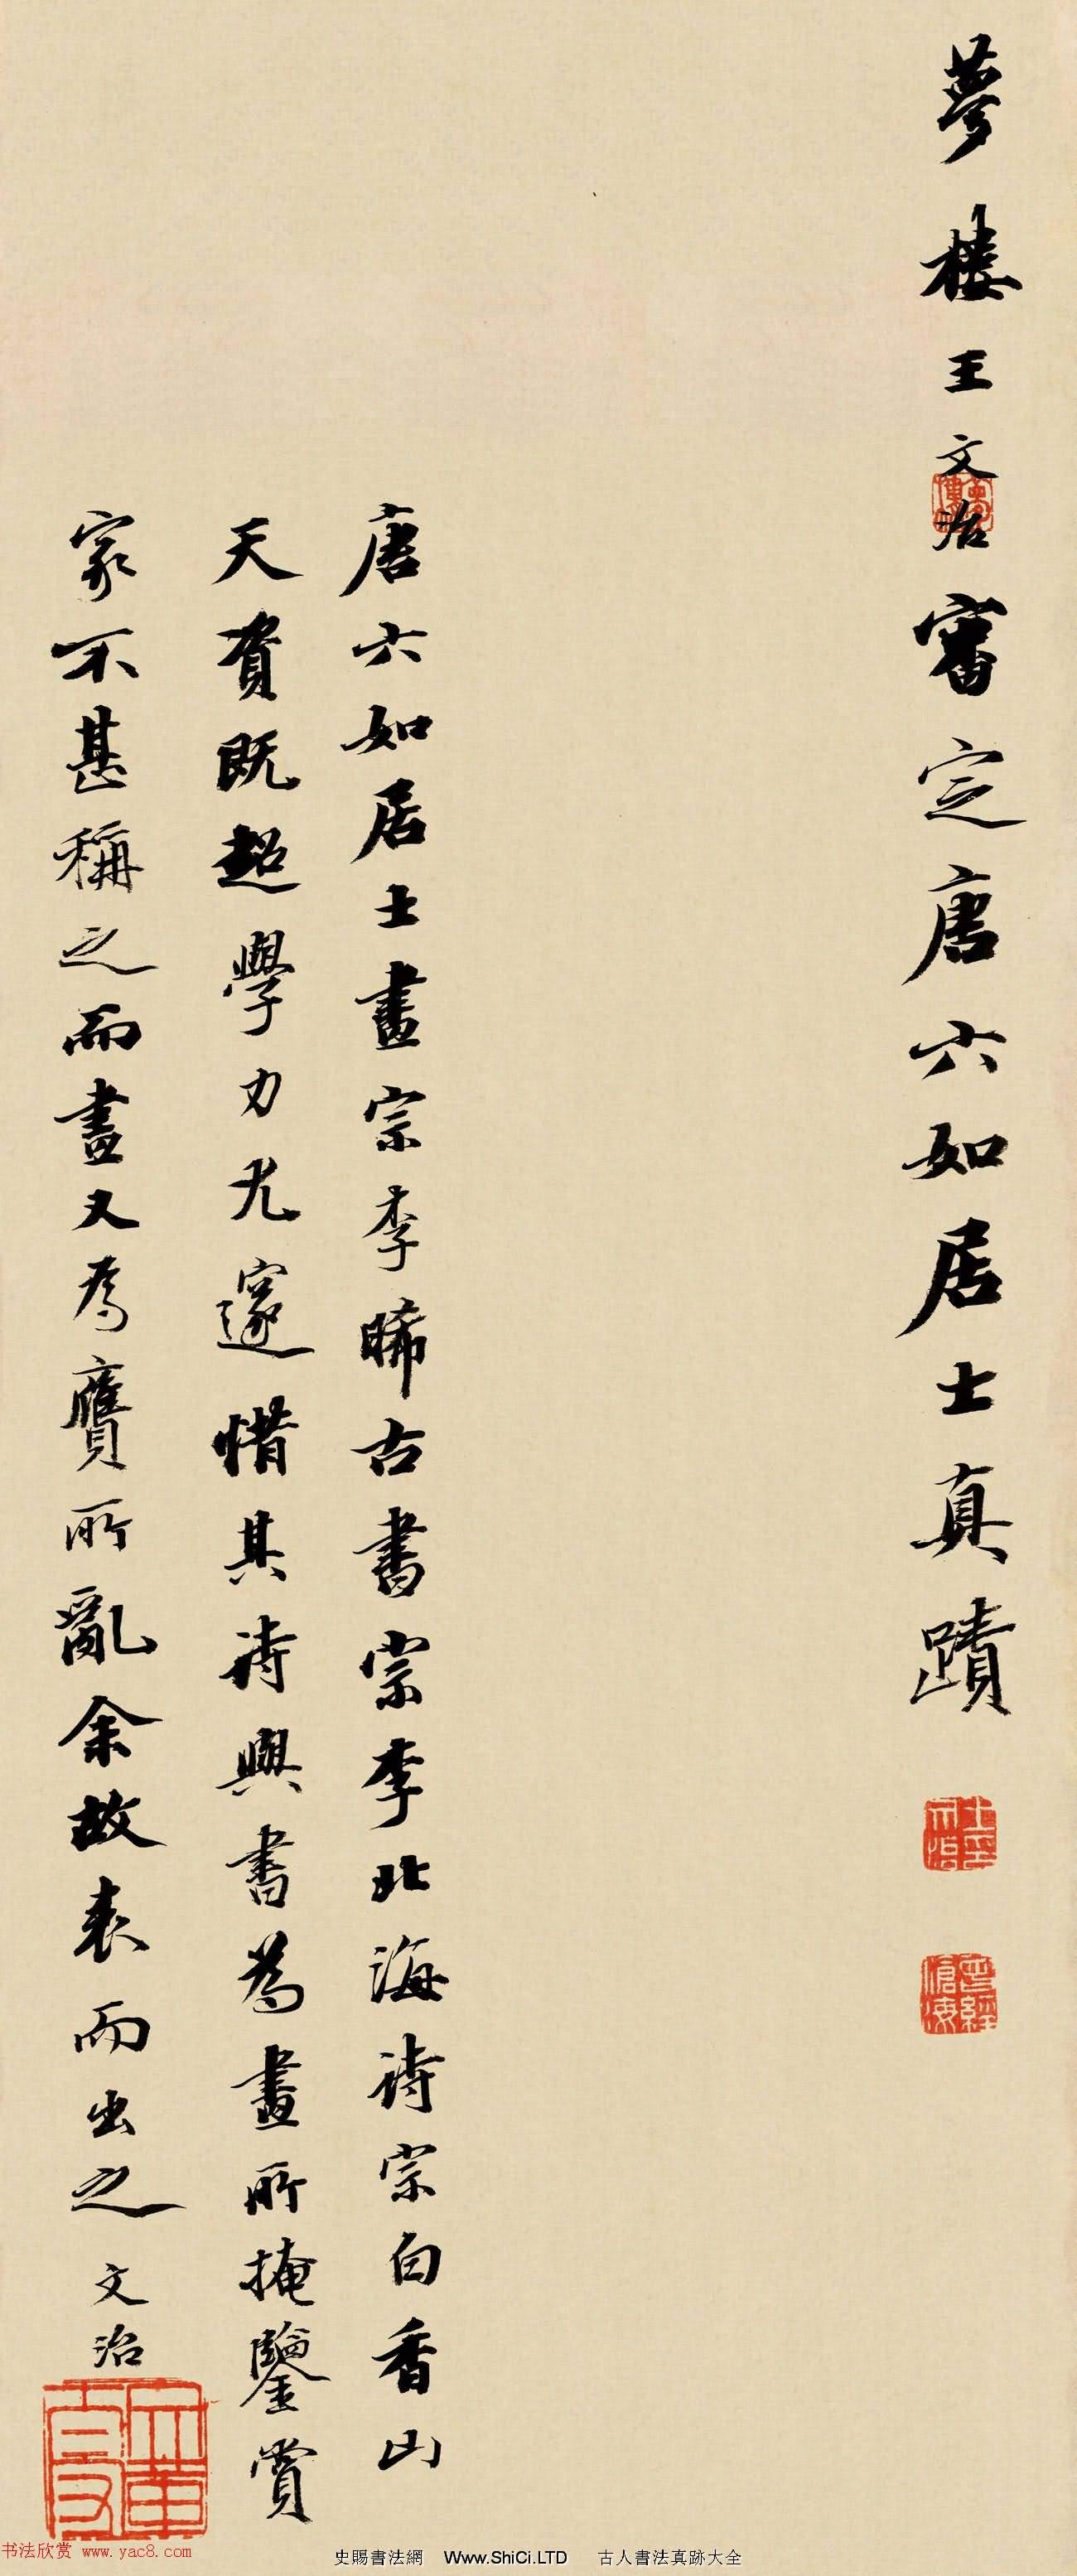 王文治書法題跋唐寅作品真跡軸兩幅(共2張圖片)